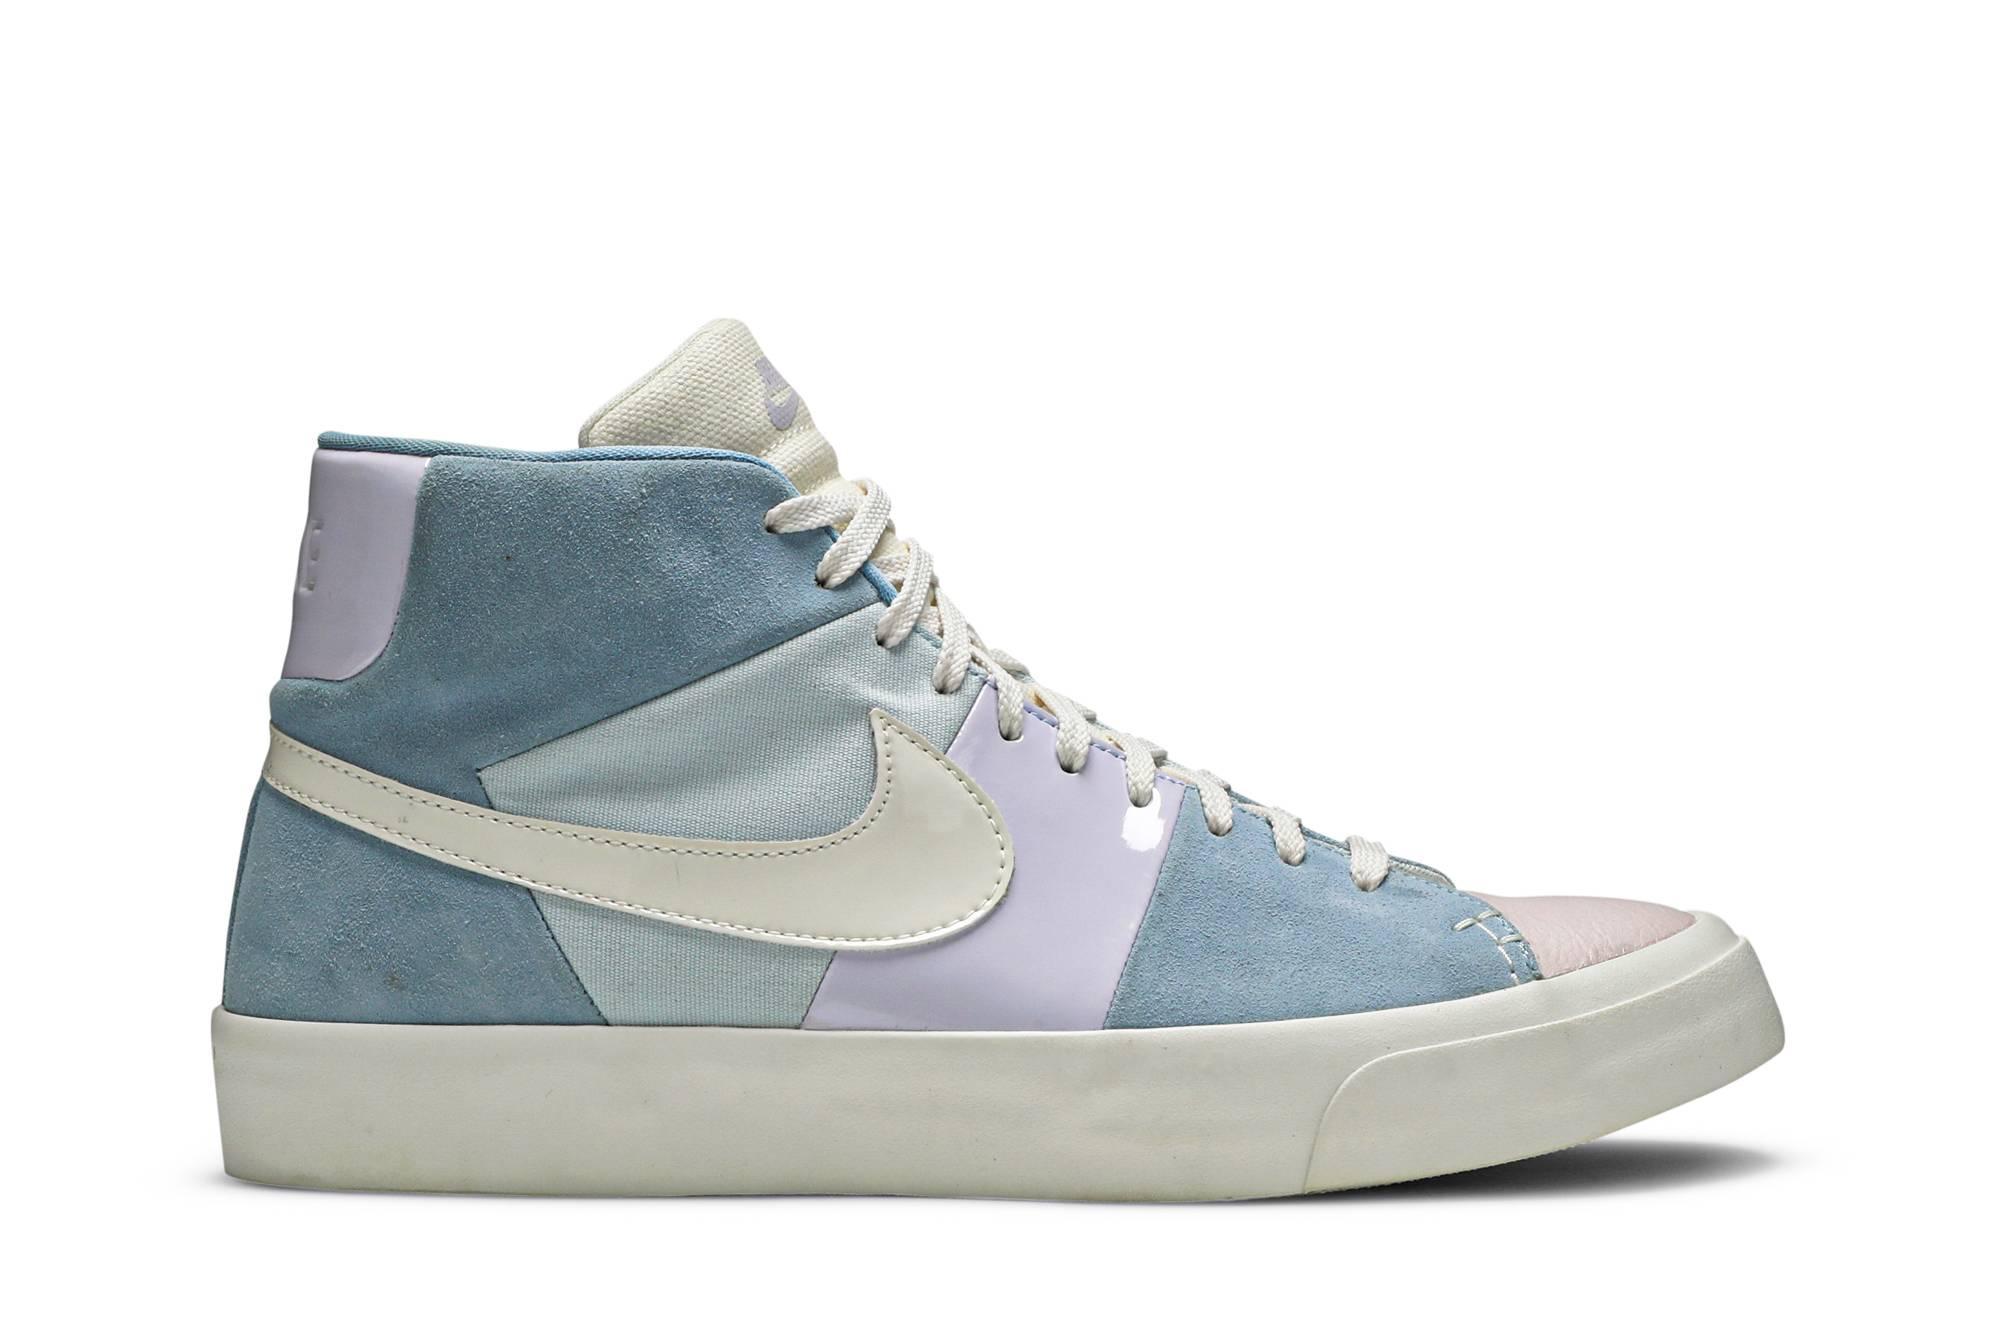 Nike Blazer Royal Easter Qs 'easter